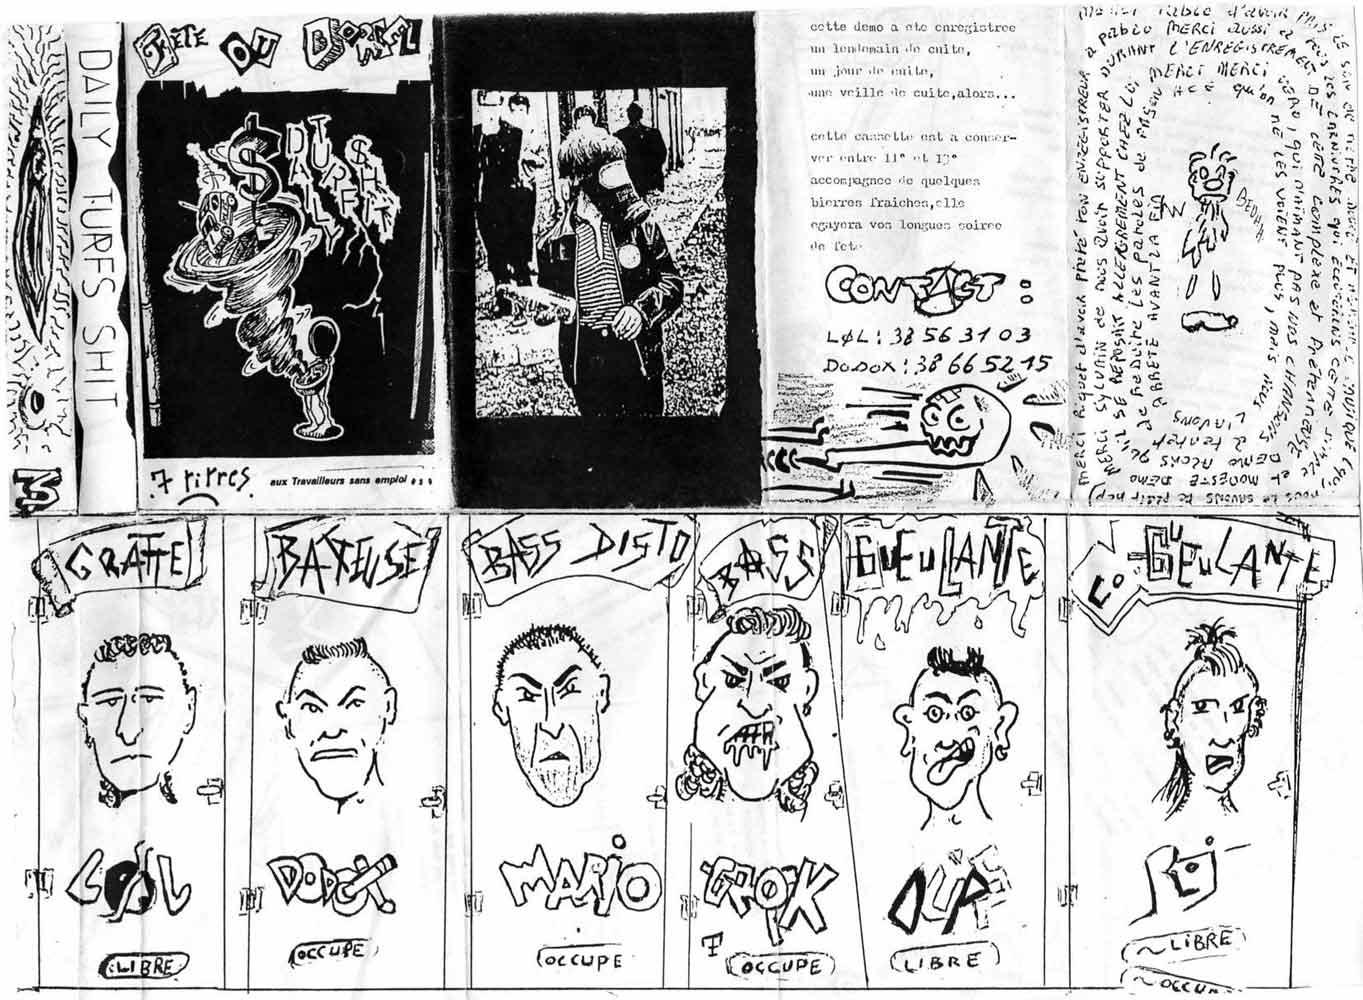 1990_DailyTurfsShit_Demos